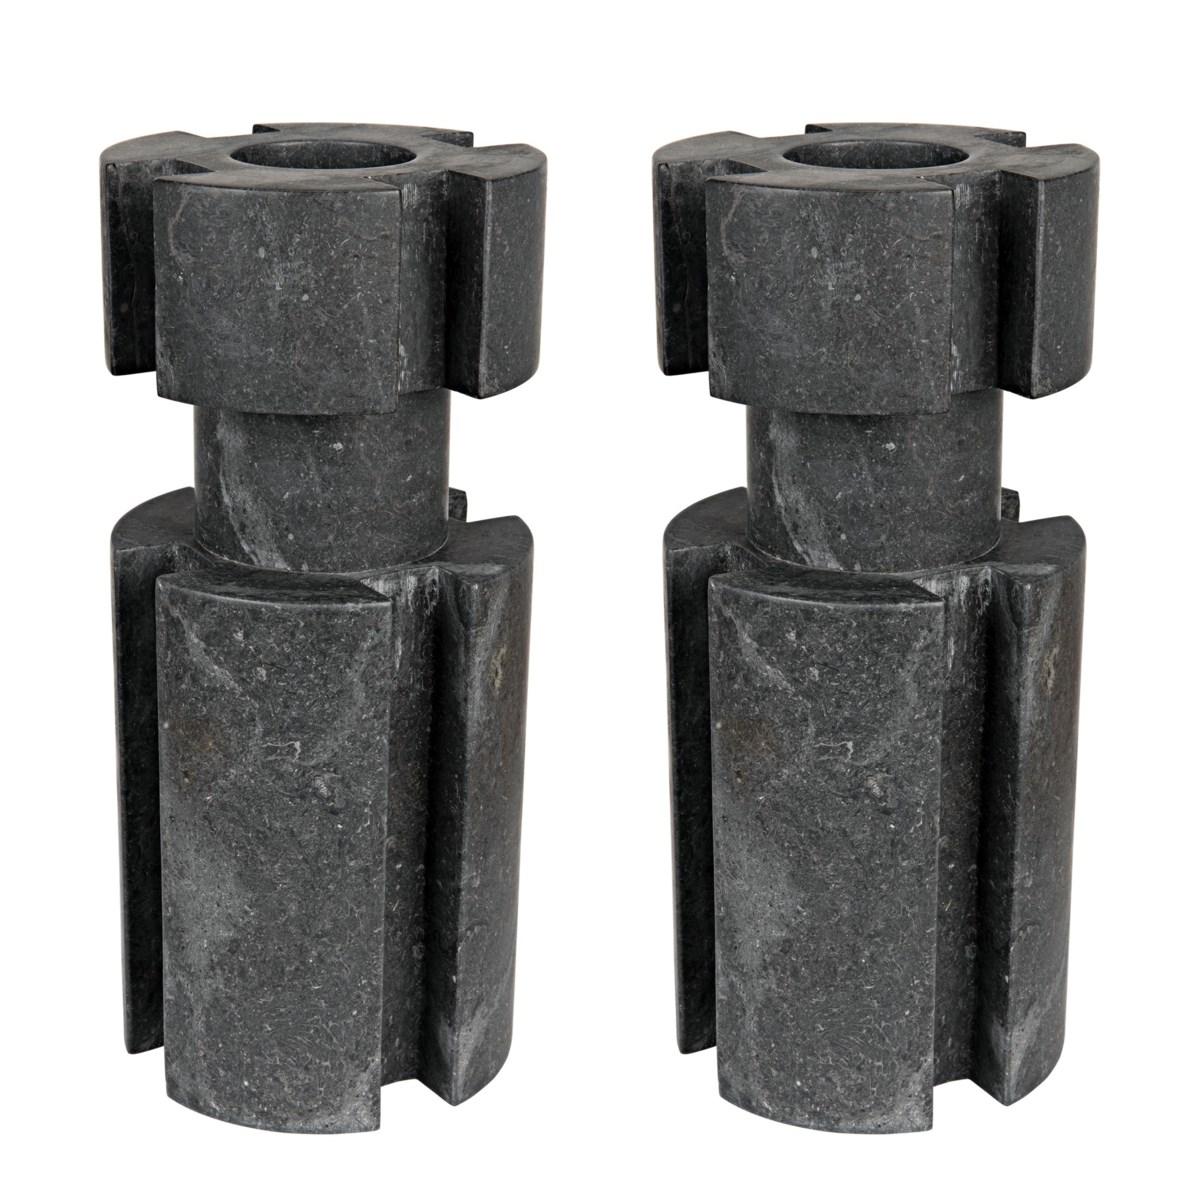 Doom Candle Holder Set /2, Black Marble